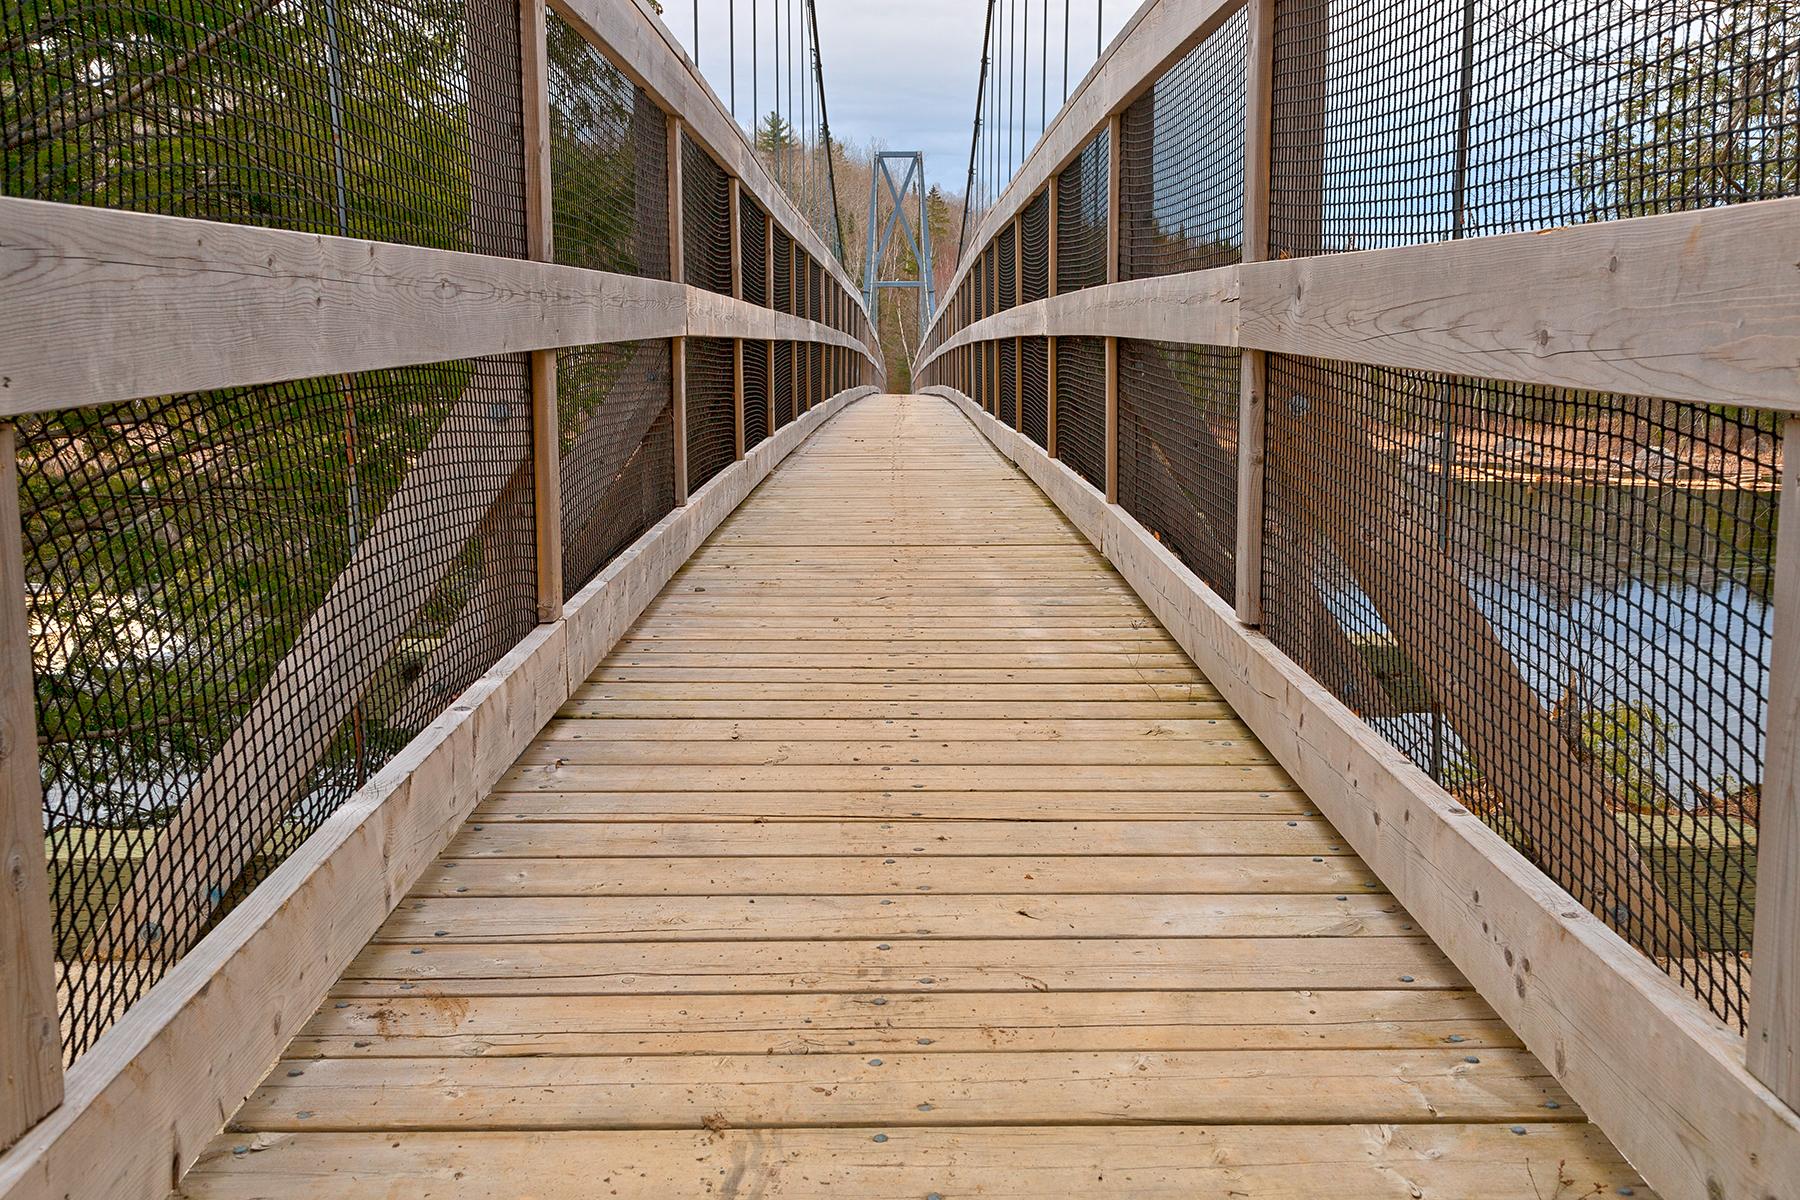 Ritchie suspension bridge - hdr photo